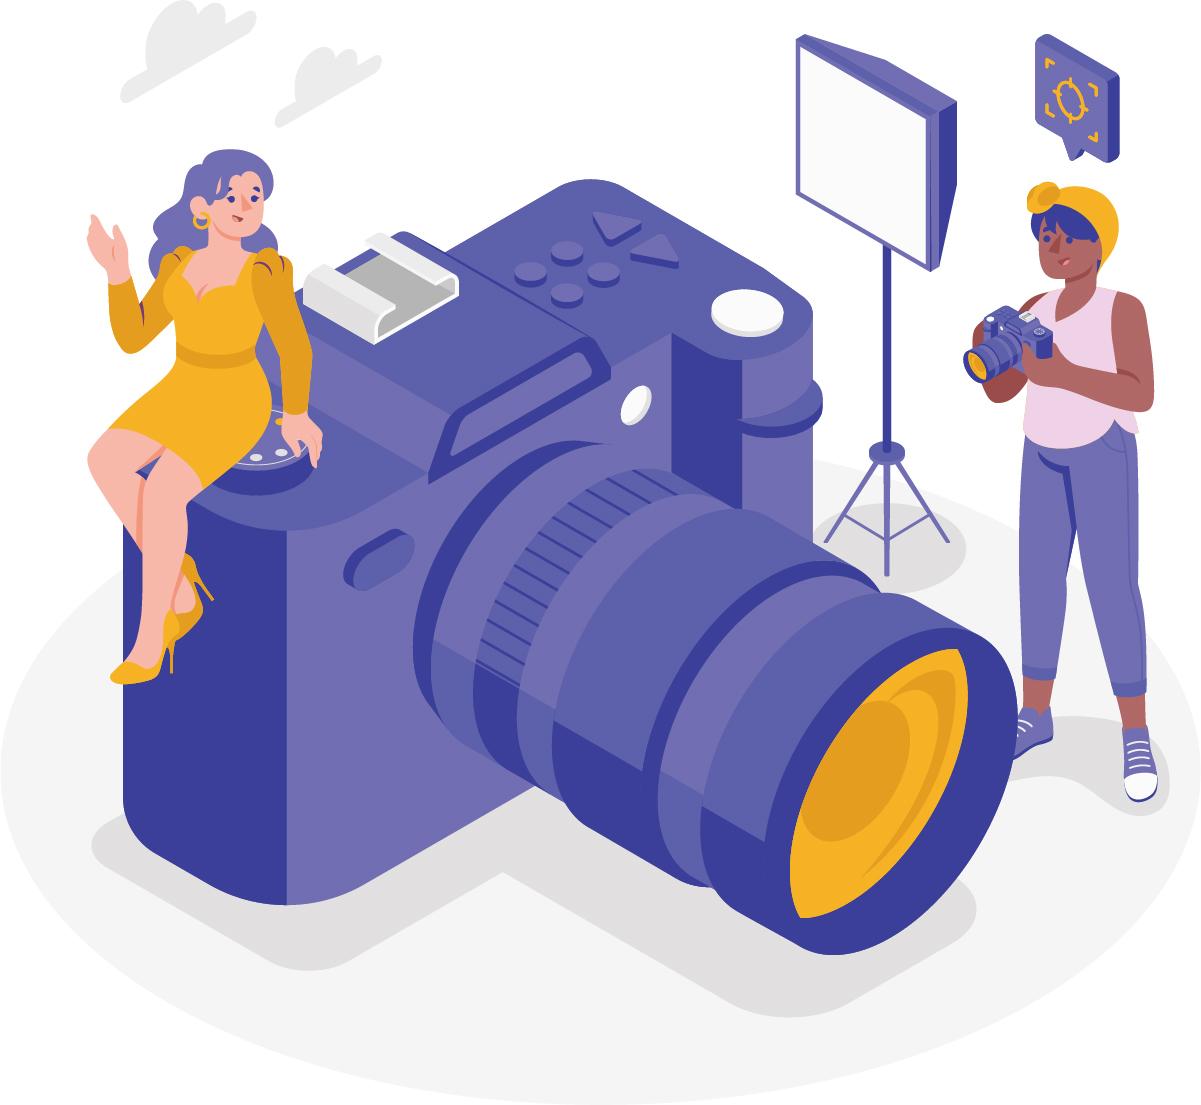 Use uma câmera do seu smartphone